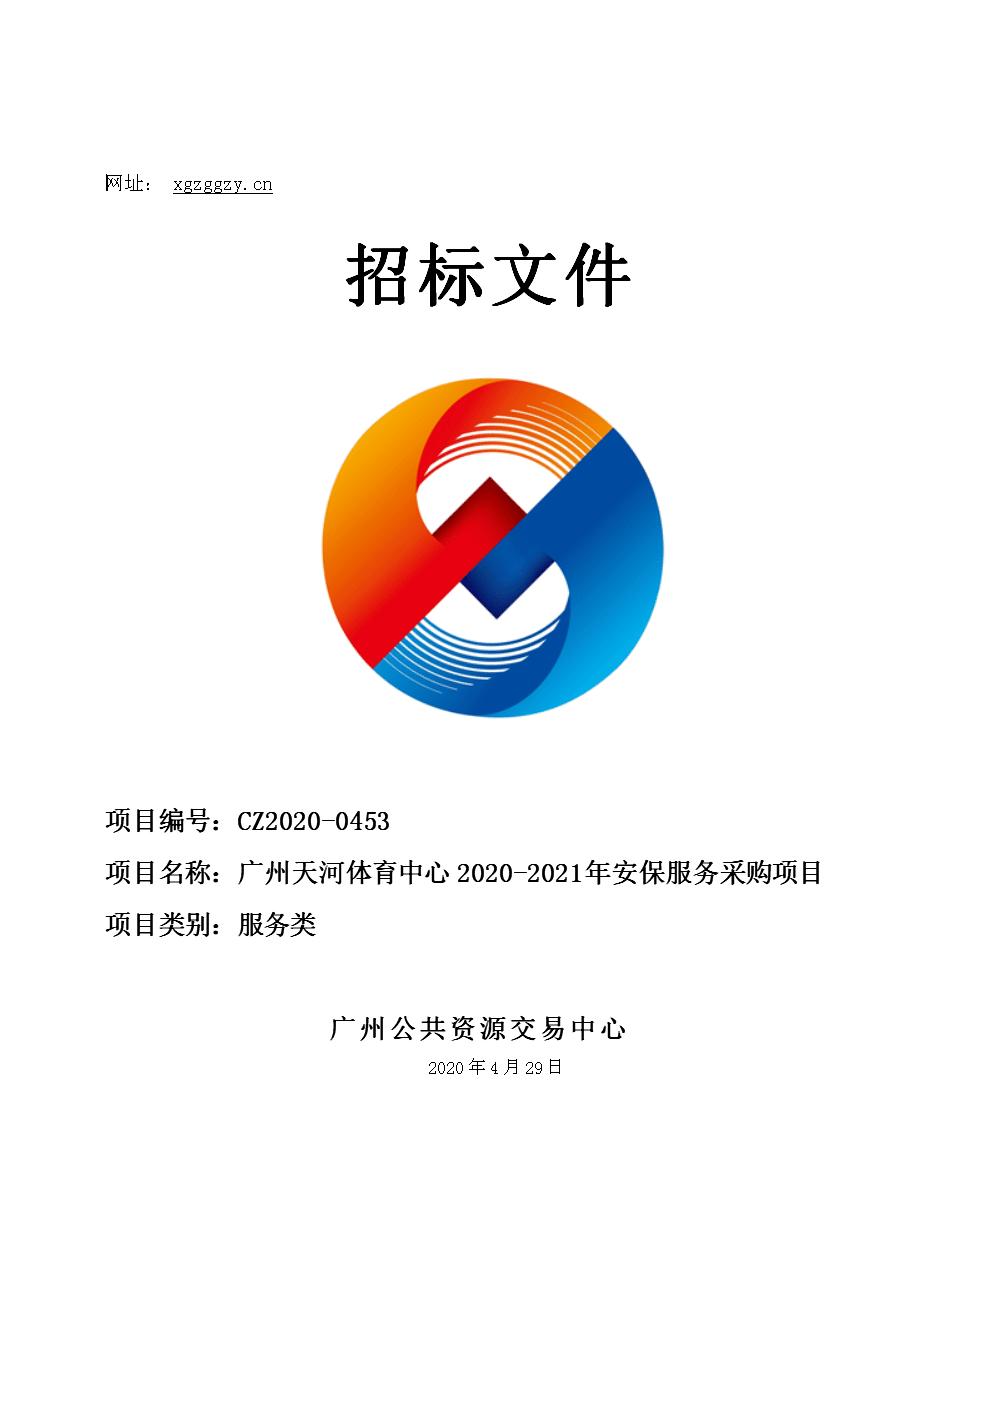 广州天河体育中心2020-2021年安保服务采购项目招标文件.doc